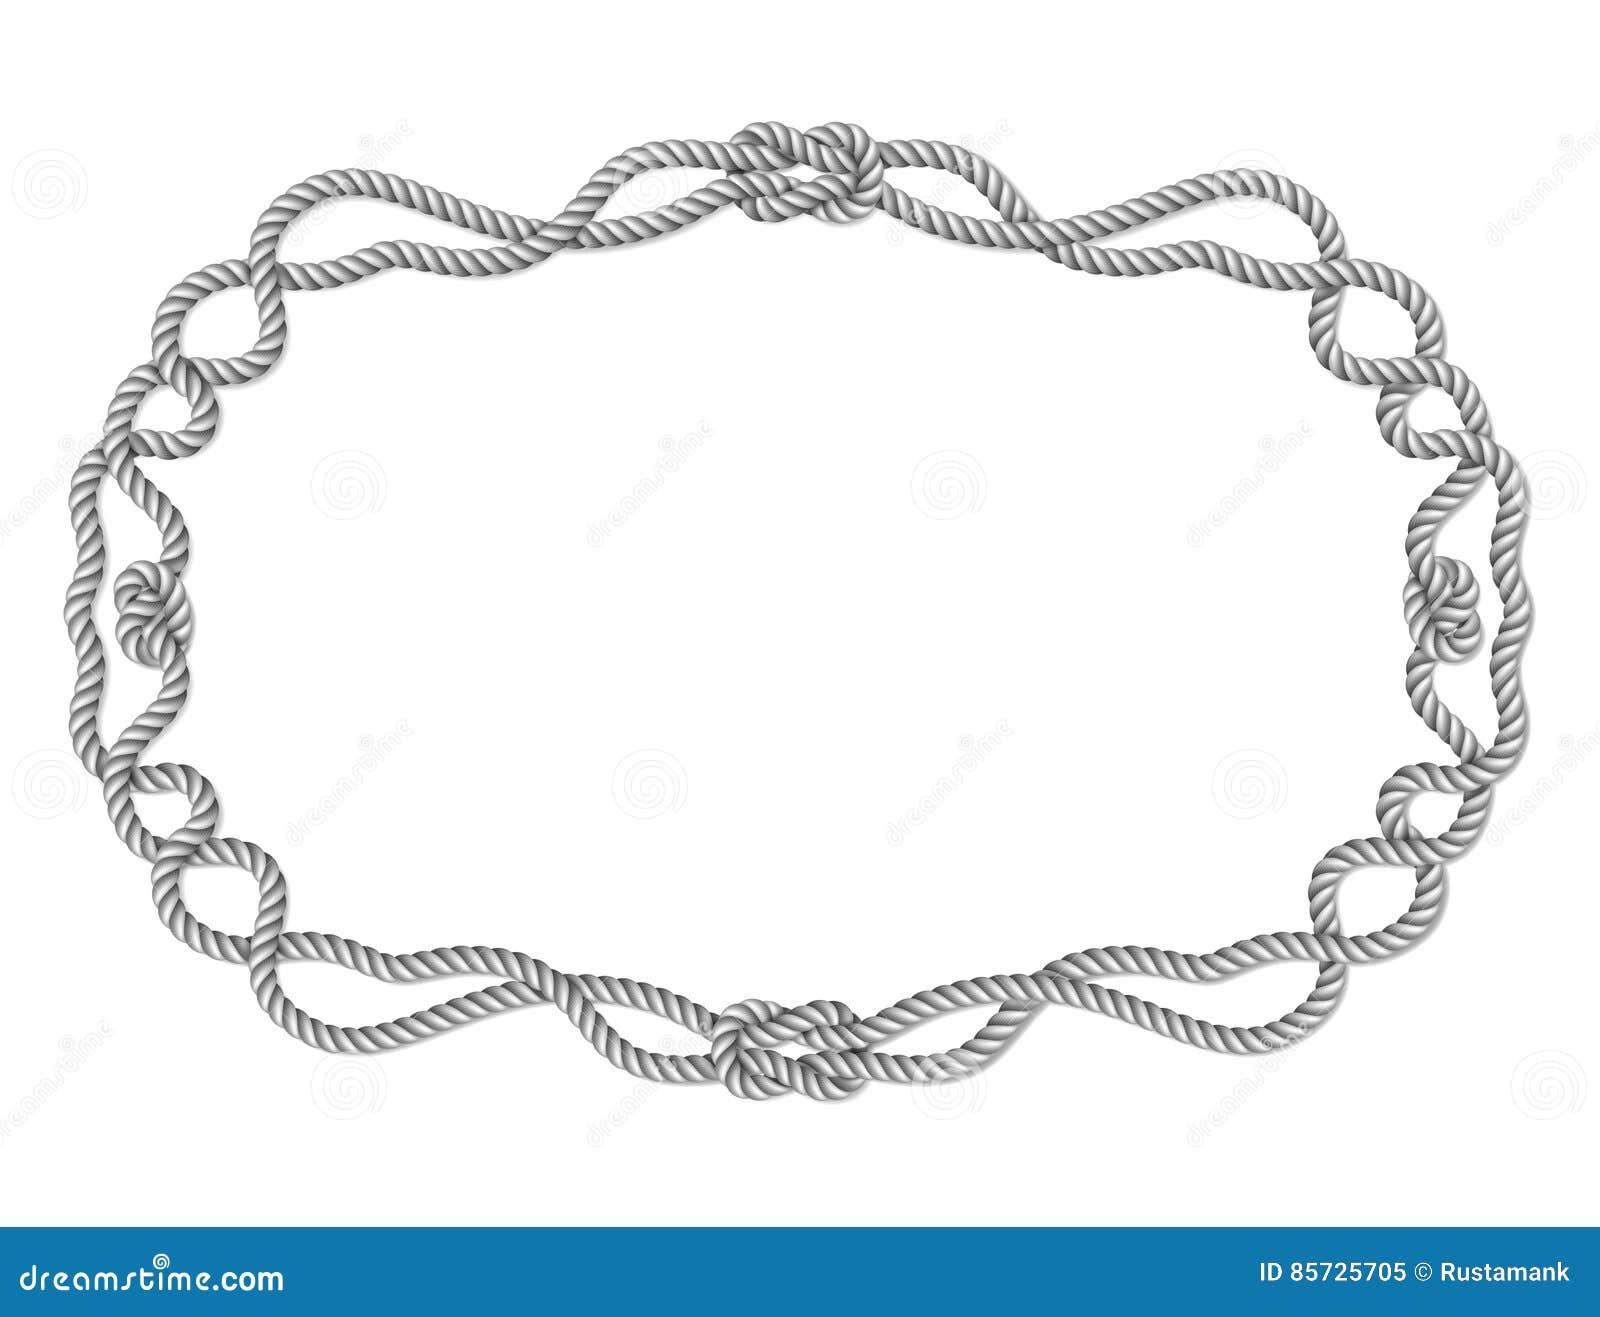 Gelbes Seil gesponnene horizontale Grenze mit Seilknoten, horizontaler Vektorrahmen, lokalisiert auf Weiß